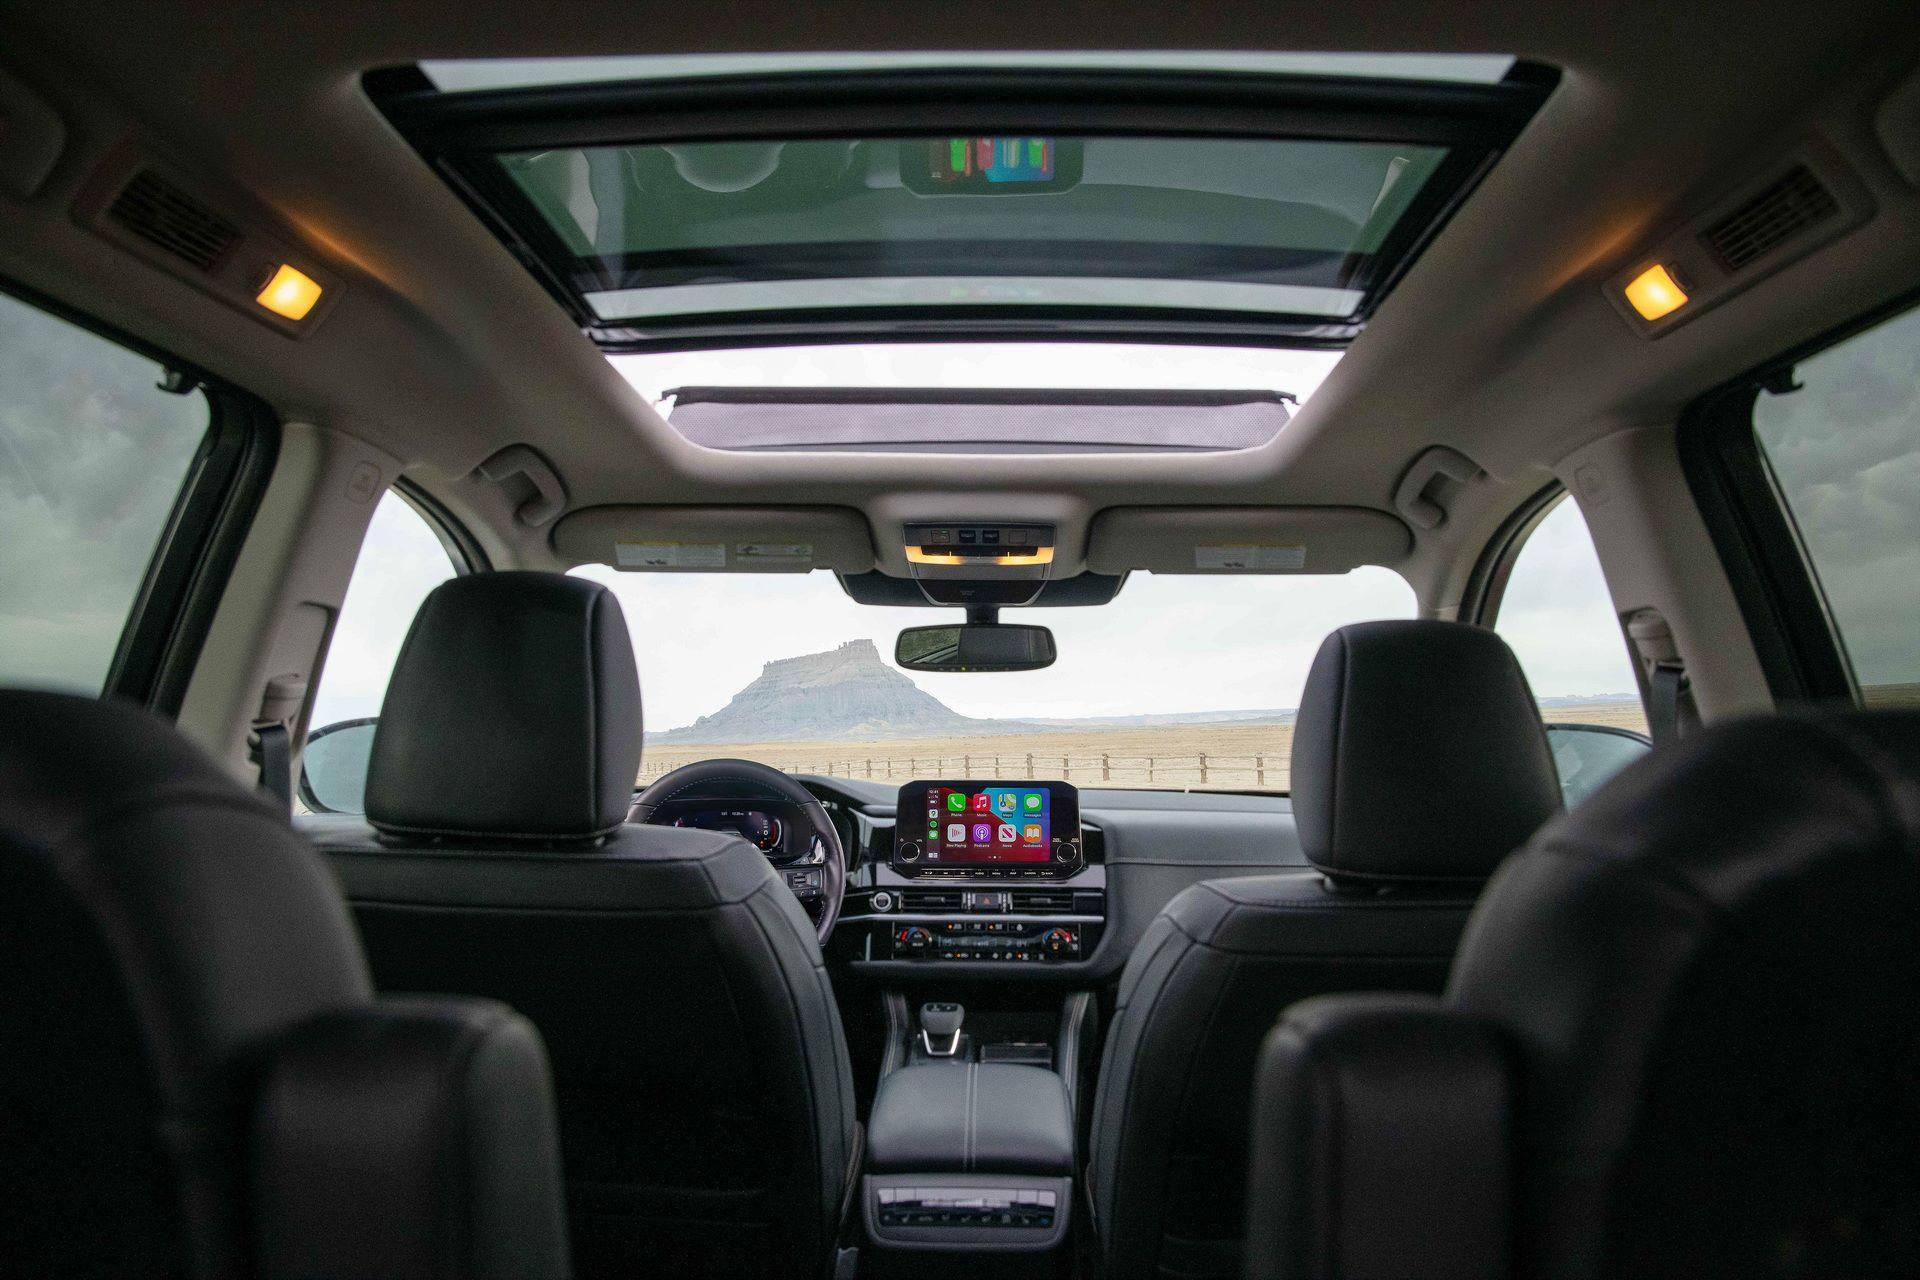 Nissan-Pathfinder-37